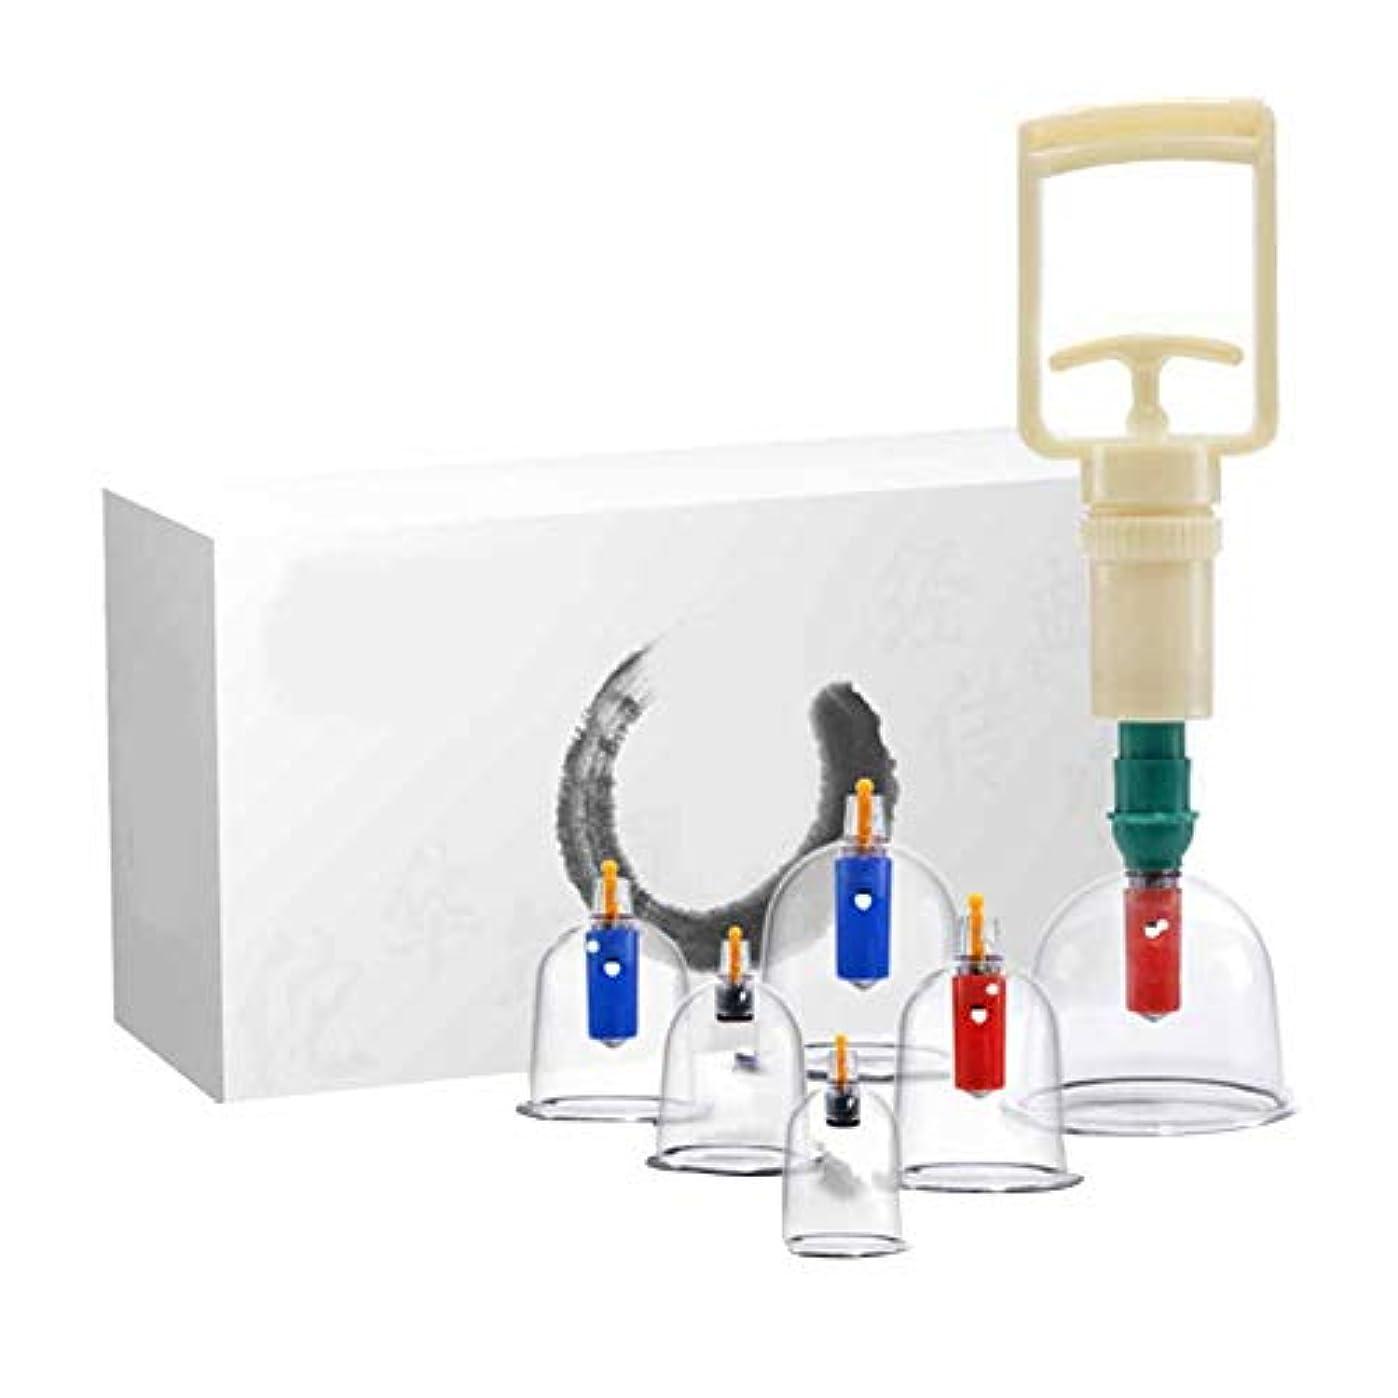 出身地ローラー既にカッピングセラピーセット、プレミアム透明プラスチック製中国式ツボカッピングセラピーセット、ポータブルパッケージ、筋肉痛の軽減に最適(6カップ)